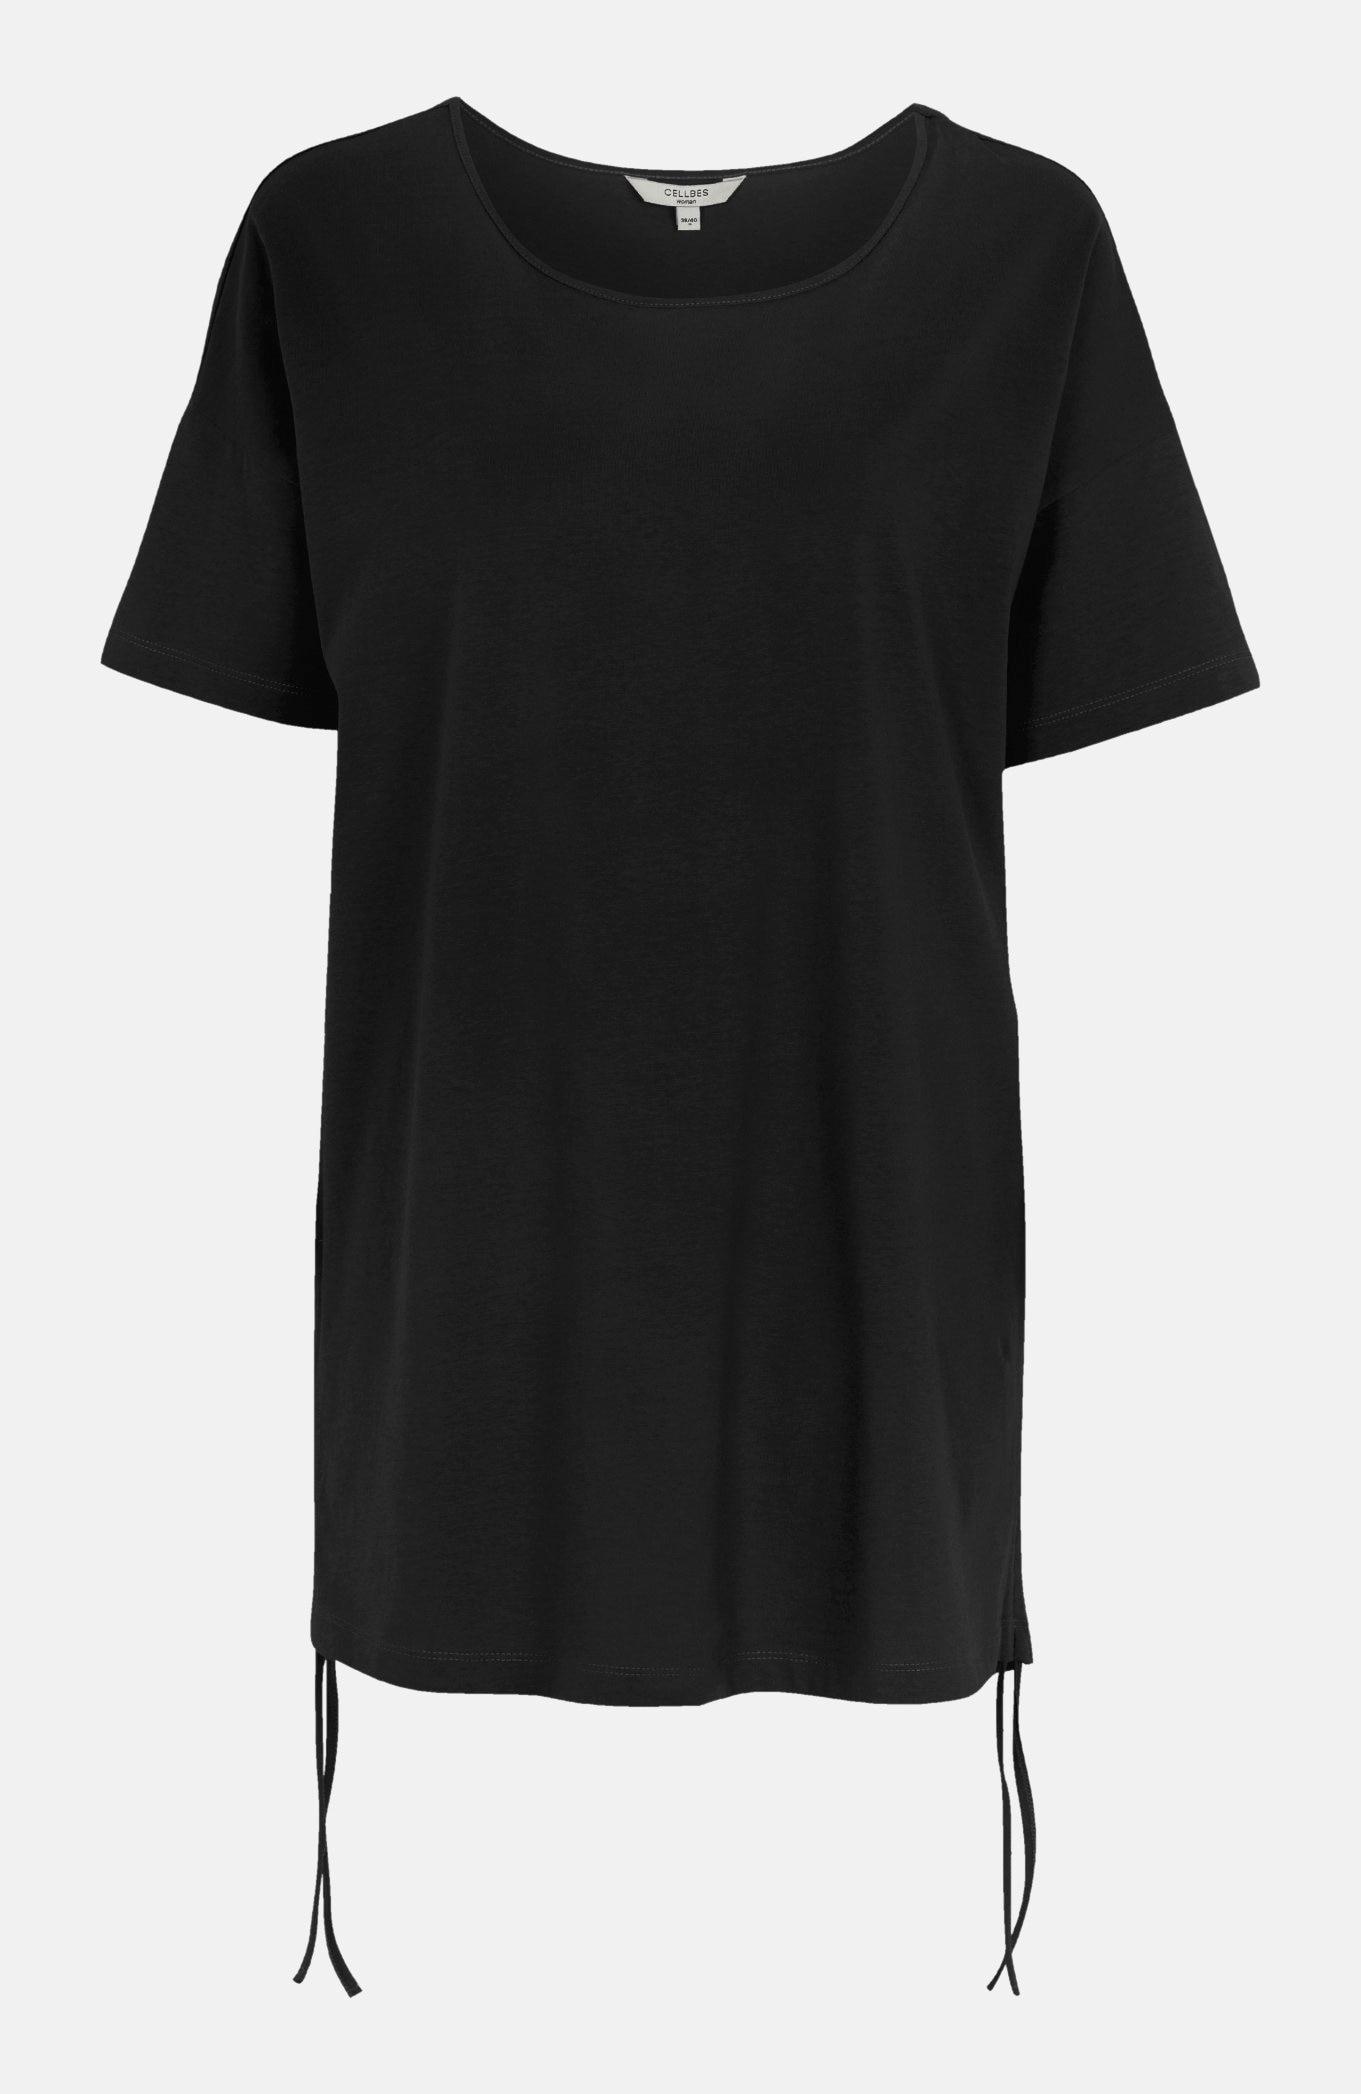 Lyhythihainen pitkä paita 2 kpl/pakkaus